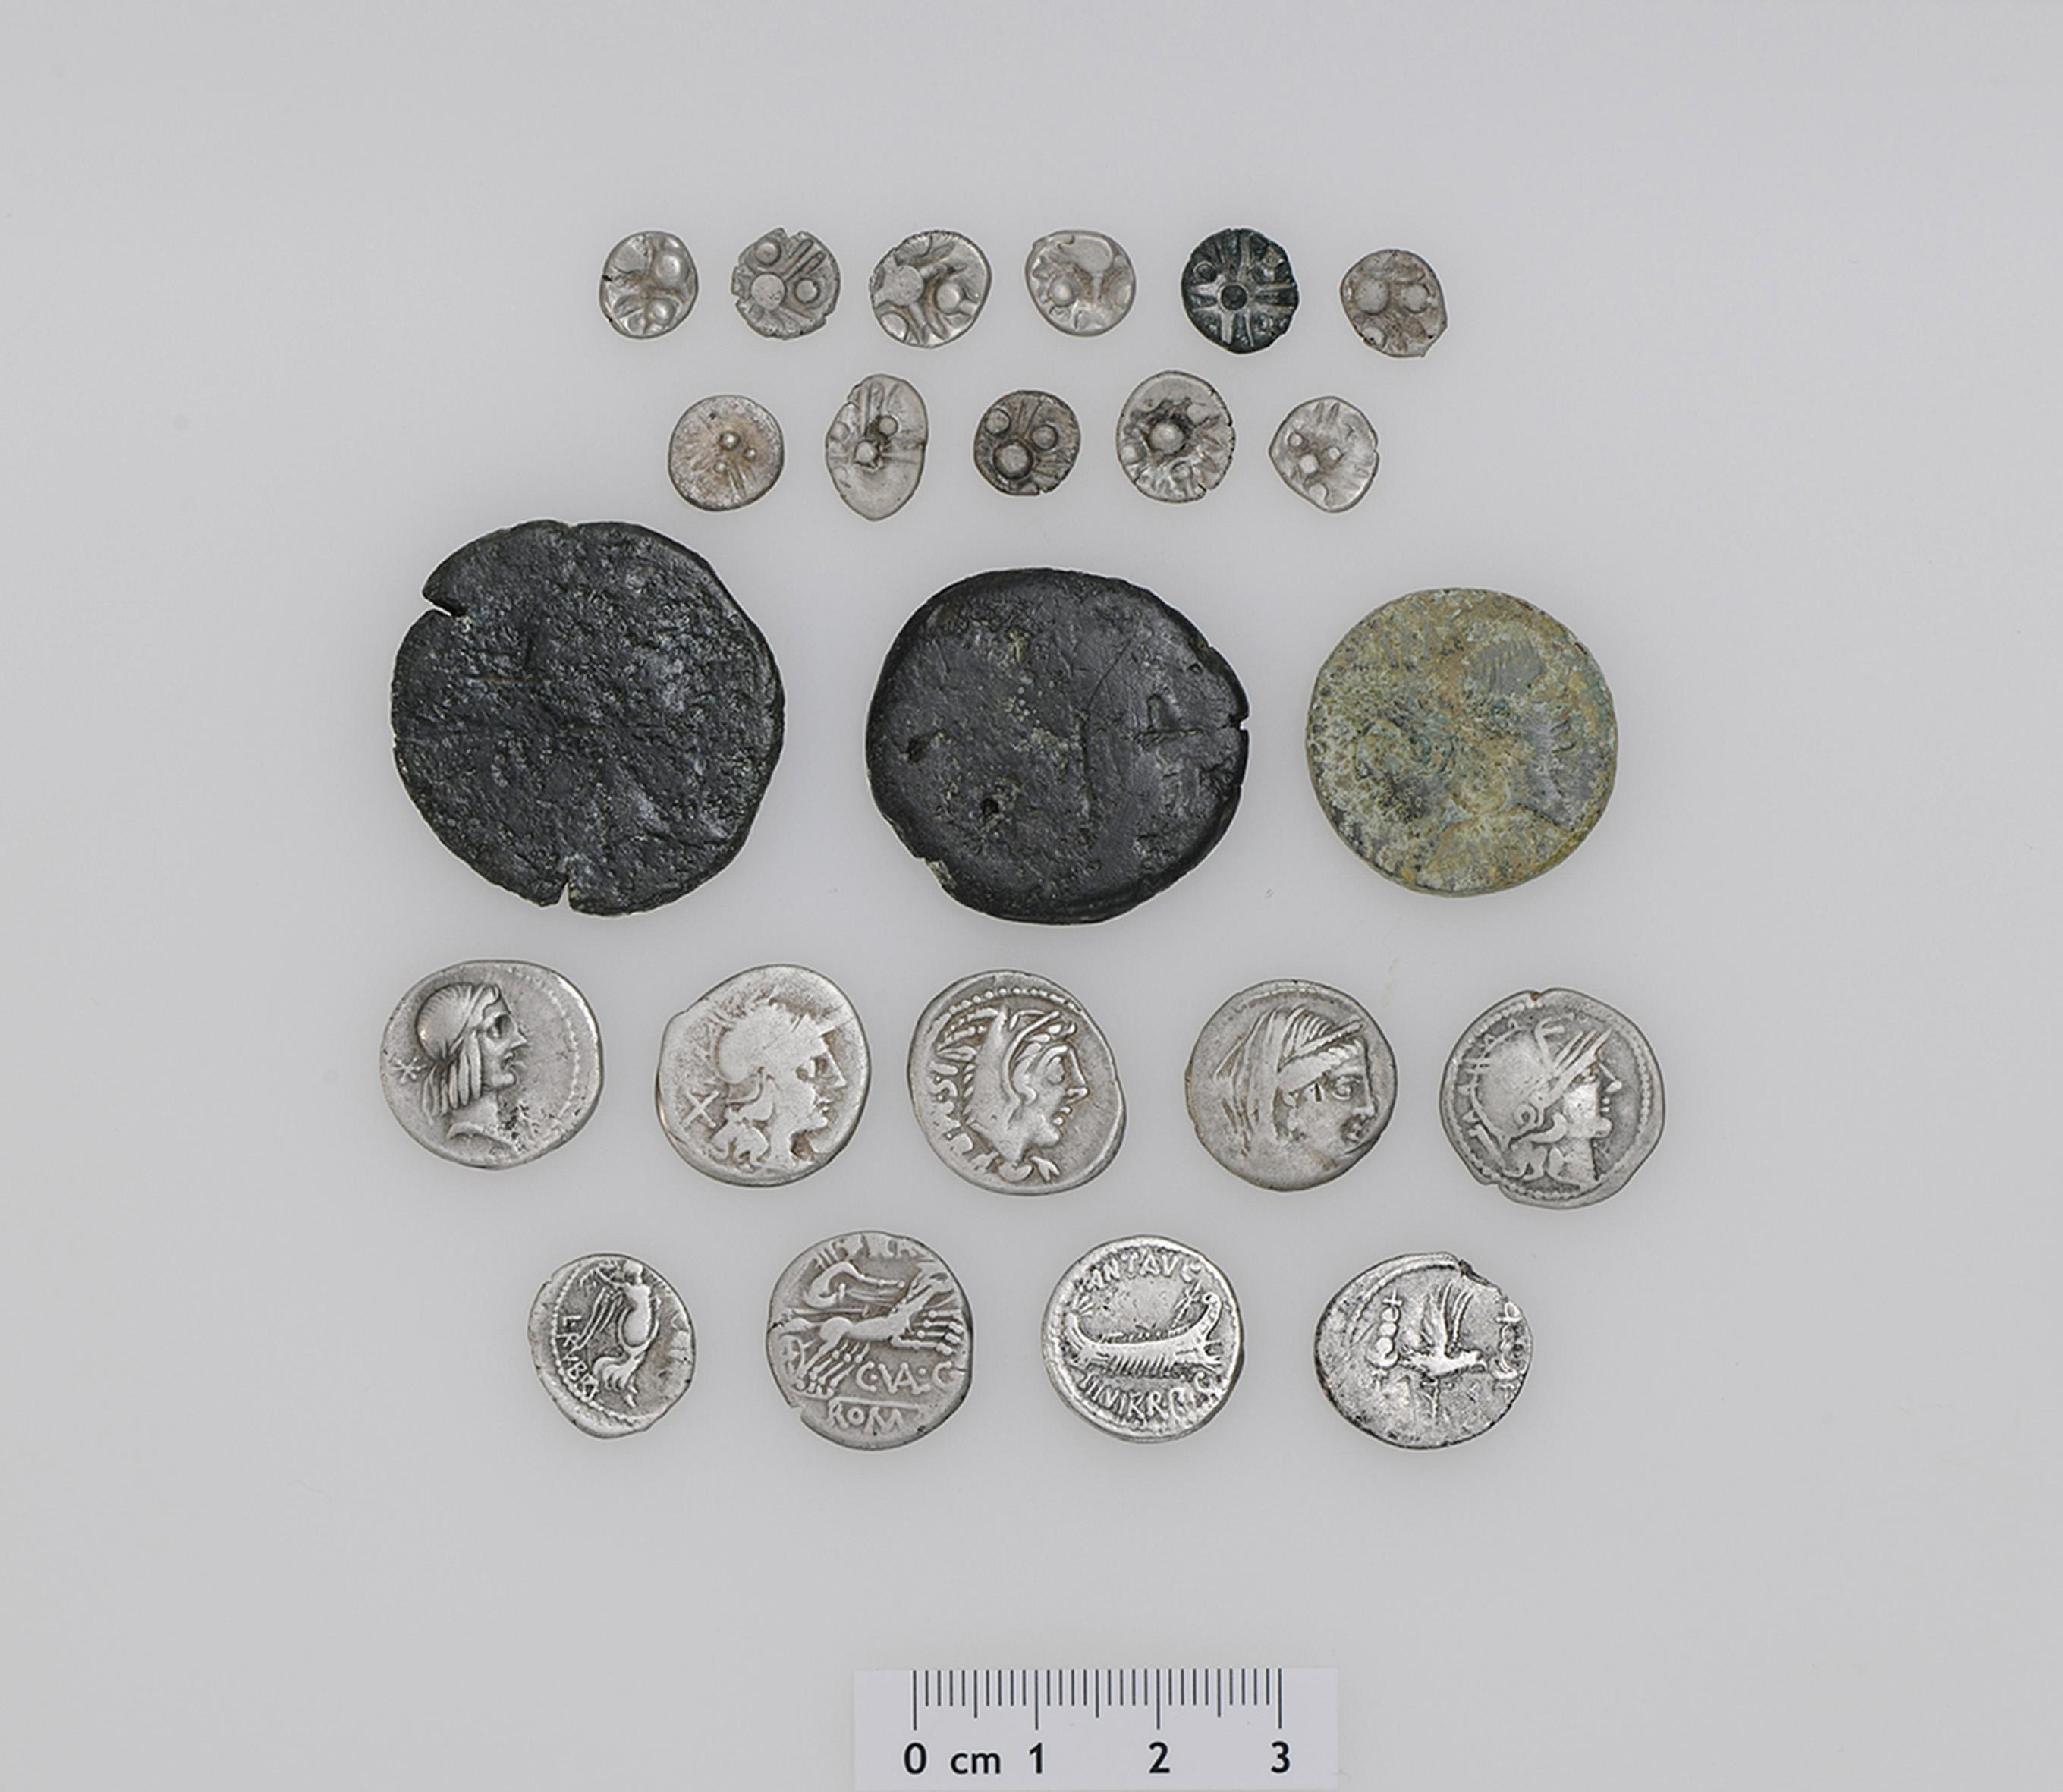 Die 23 Silber- und Bronzemünzen aus keltischer und römischer Zeit sind über 2000 Jahre alt. Es ist erst der zweite Mischfund von keltischen und römisch-republikanischen Silbermünzen in der Schweiz. Zu den 11 norischen Silbermünzen (Reihe 1 und 2 auf dem Foto) gibt es schweizweit keine Vergleichsfunde. Der Fund umfasst weiter 8 römische Silber- und 3 Bronzemünzen sowie die Imitation einer römischen Silbermünze, vermutlich aus dem südosteuropäischen Raum (Reihe 3 bis 5 auf dem Foto). Die römischen Silber-Denare und der Quinar (Reihe 4 und 5 auf dem Foto) weisen die Namen der Münzmeister C. Valerius Flaccus, L. Thorius Balbus, L. Piso Frugi und L. Rubrius Dossenus sowie den Namen des Feldherrn Marcus Antonius auf. Das jüngste Fundstück wurde um 15–9/7 v. Chr. in Nemausus, dem heutigen Nîmes (Frankreich), geprägt und gibt einen Hinweis darauf, ab wann der Schatzfund in den Boden gelangt ist. Foto: Res Eichenberger (Amt für Denkmalpflege und Archäologie des Kantons Zug).